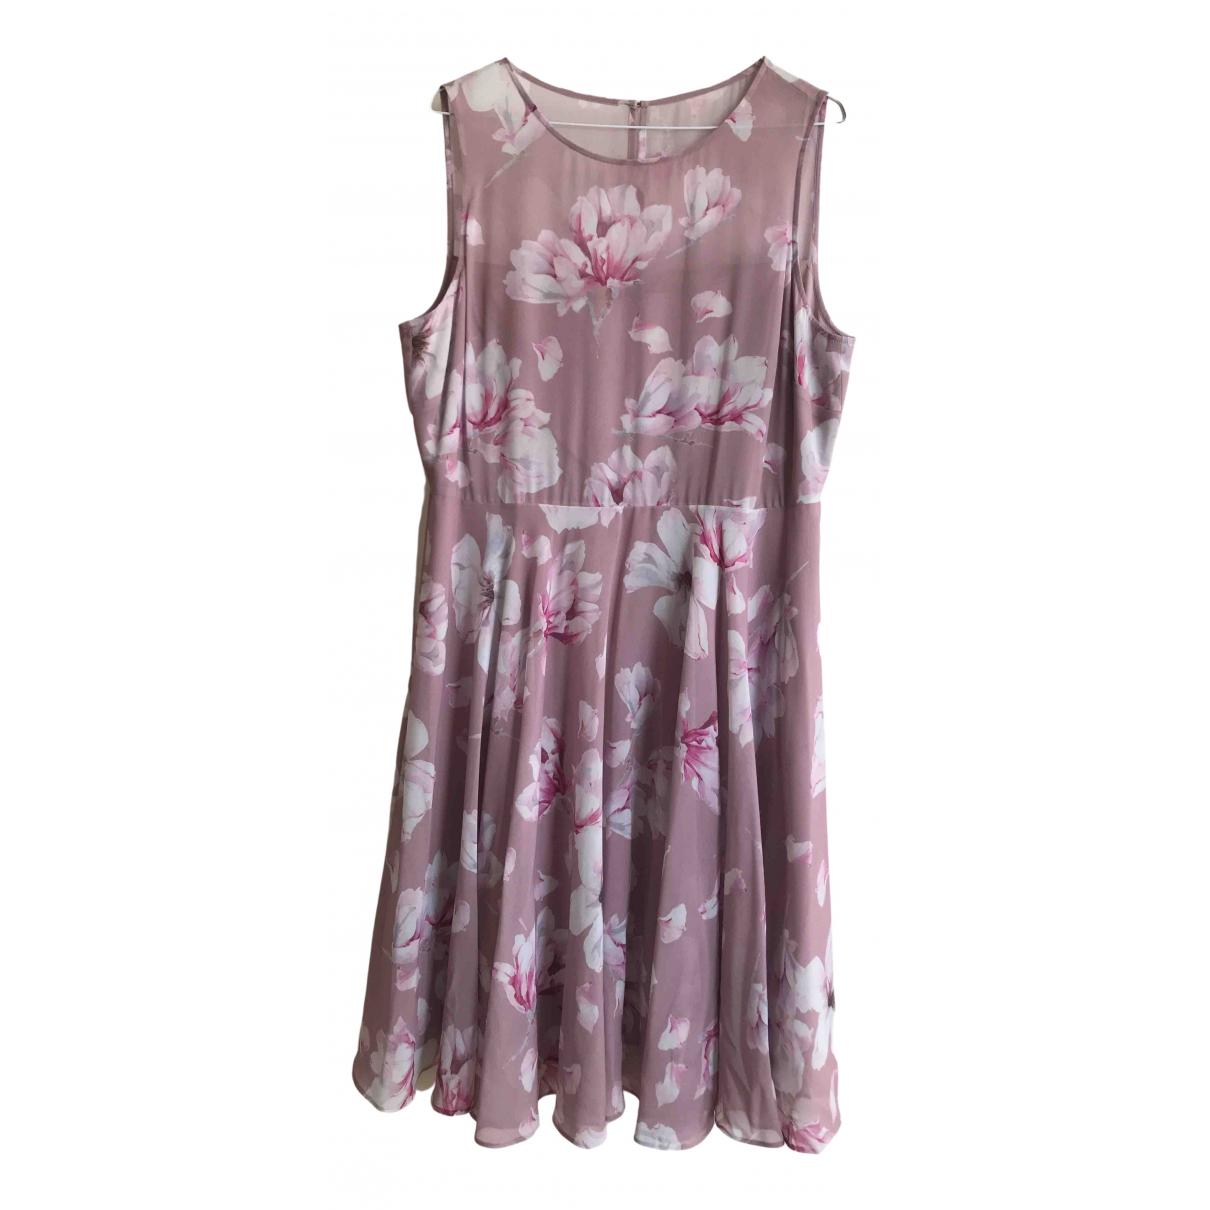 Hobbs \N Kleid in  Bunt Polyester